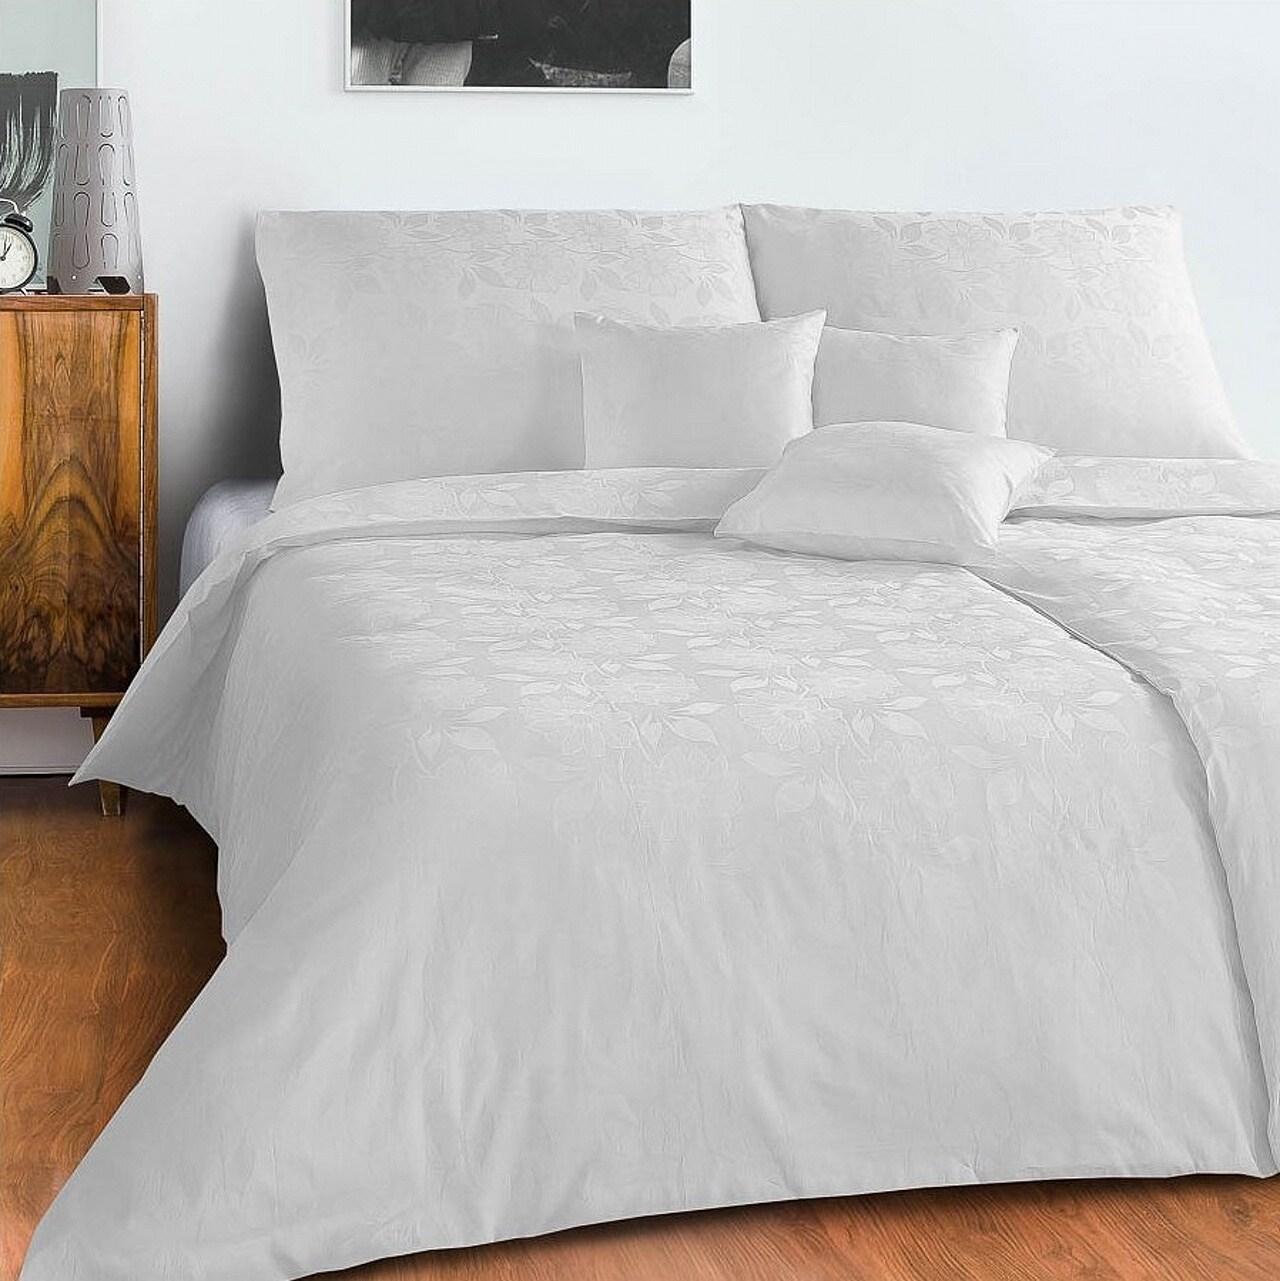 Povlečení damašek Jiřiny bílé 140x220, 70x90 cm